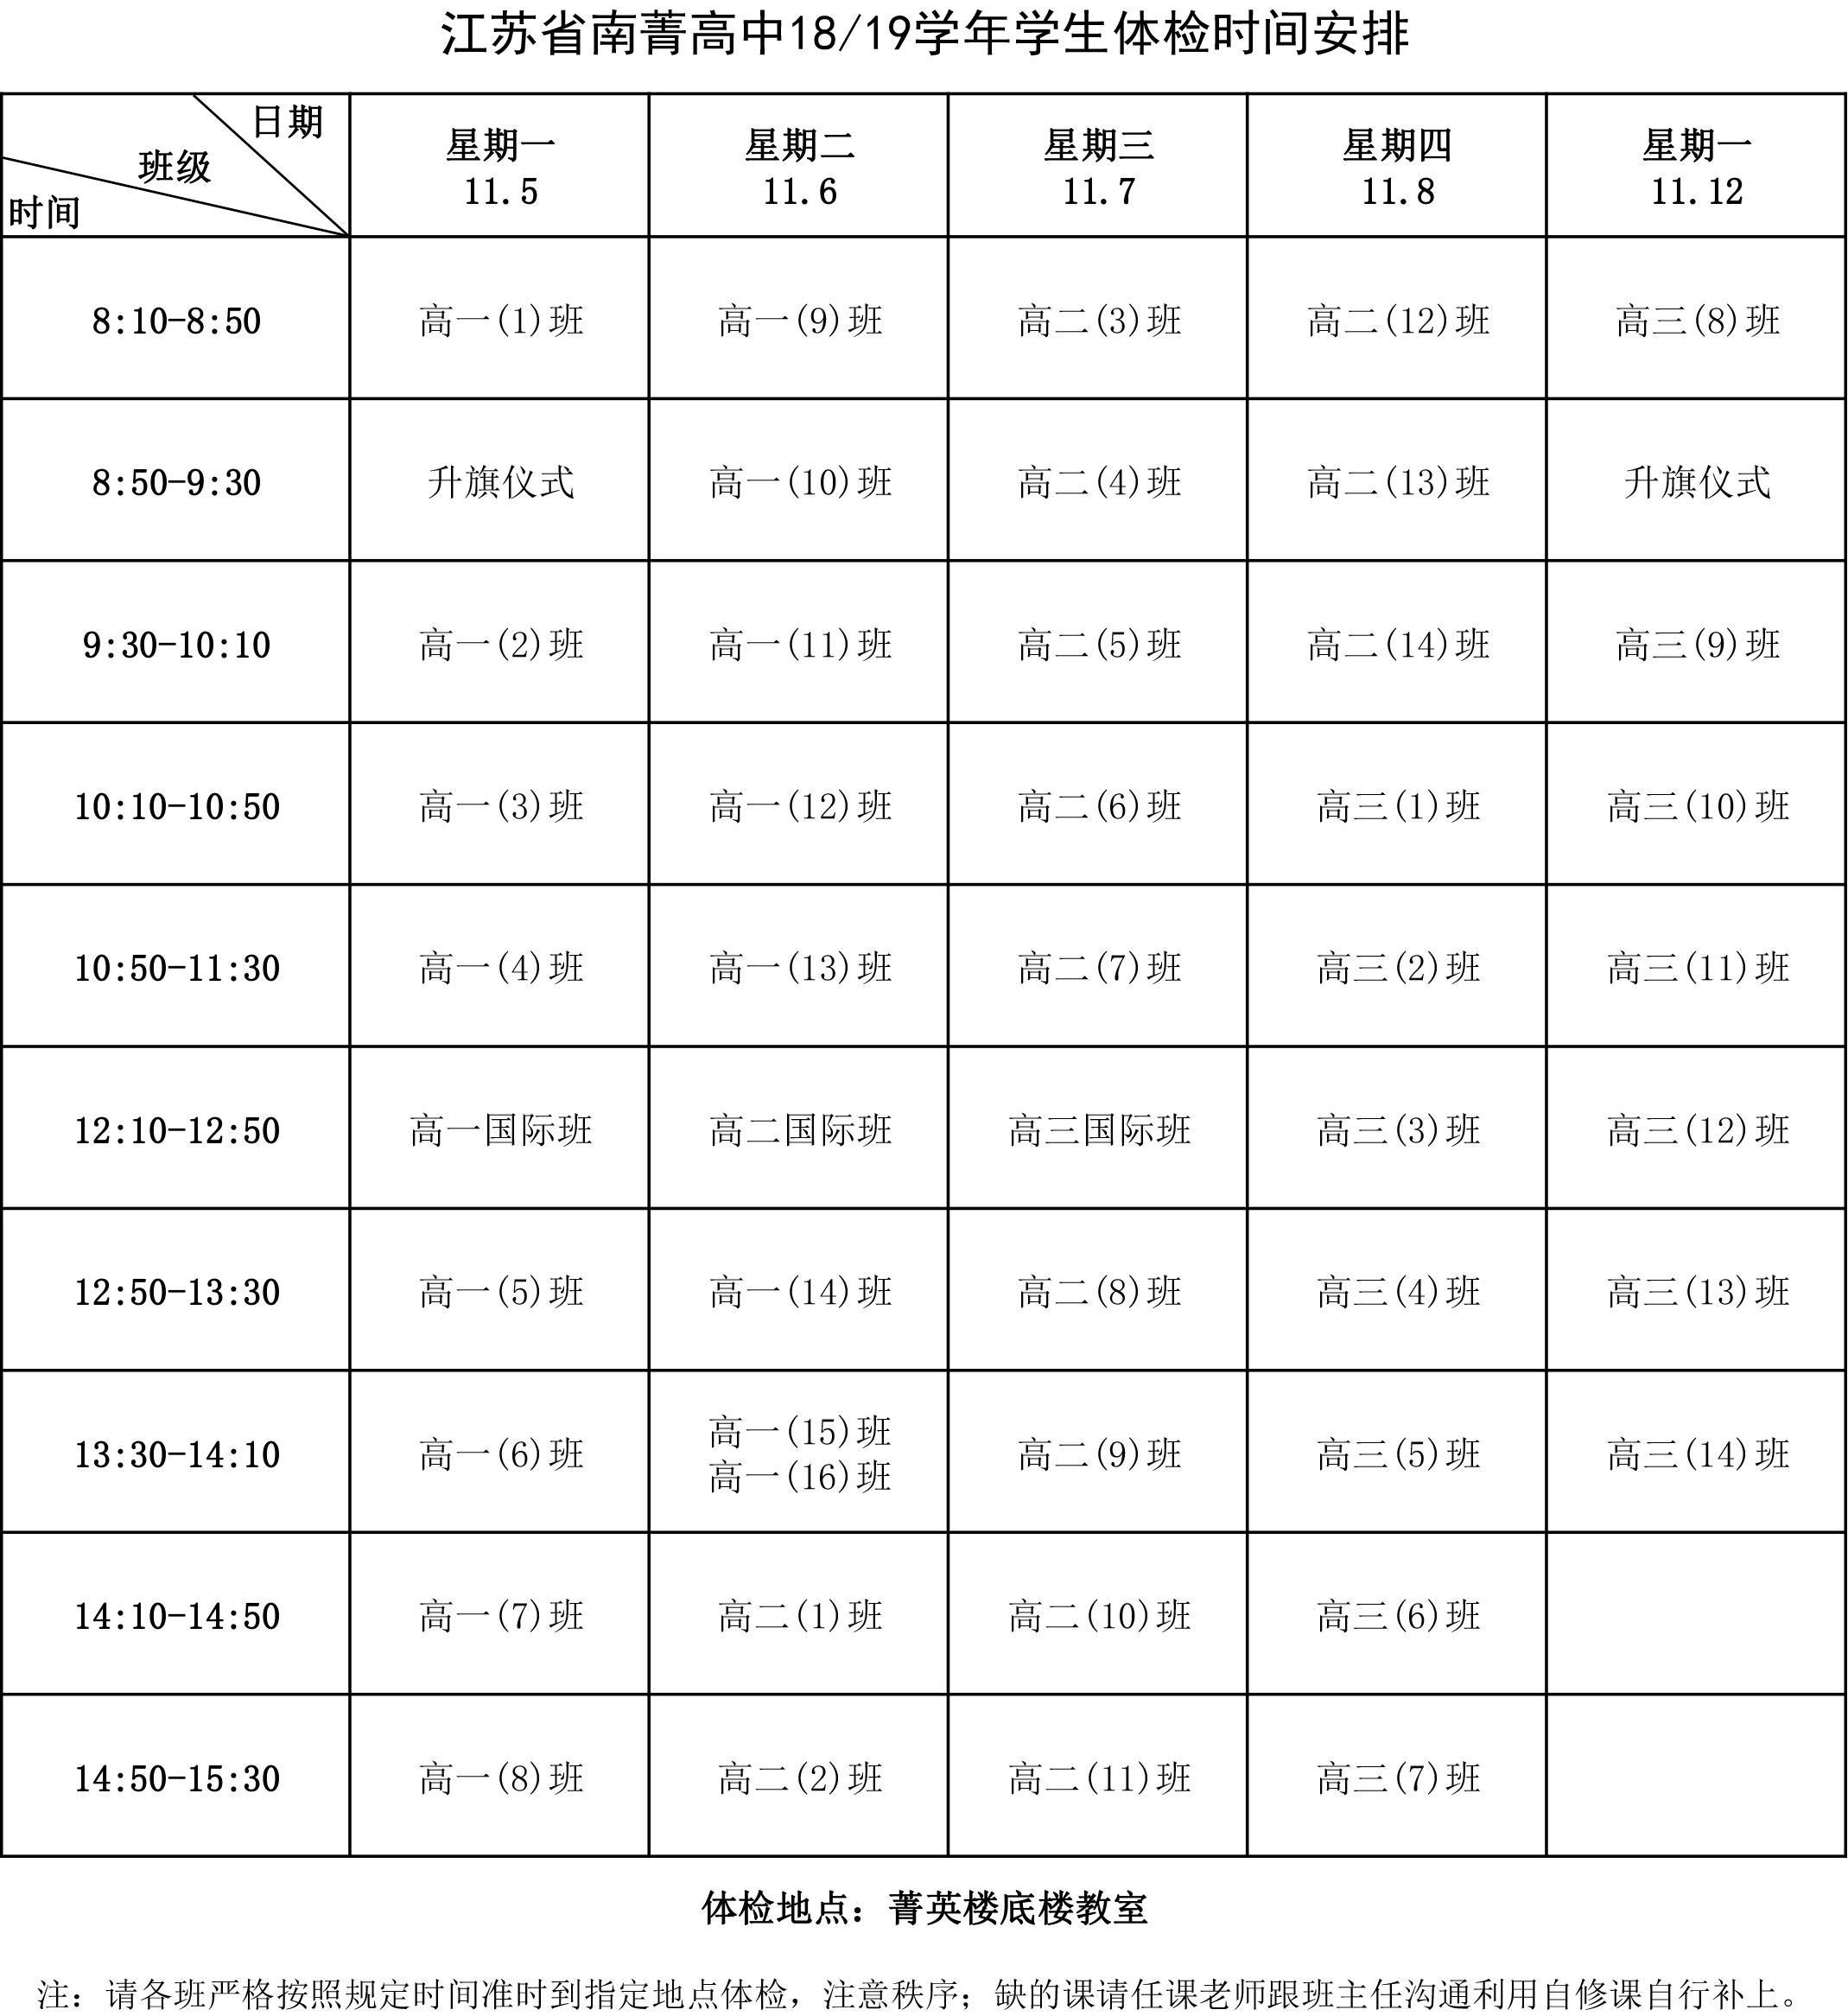 2018-2019学年体检时间安排.jpg